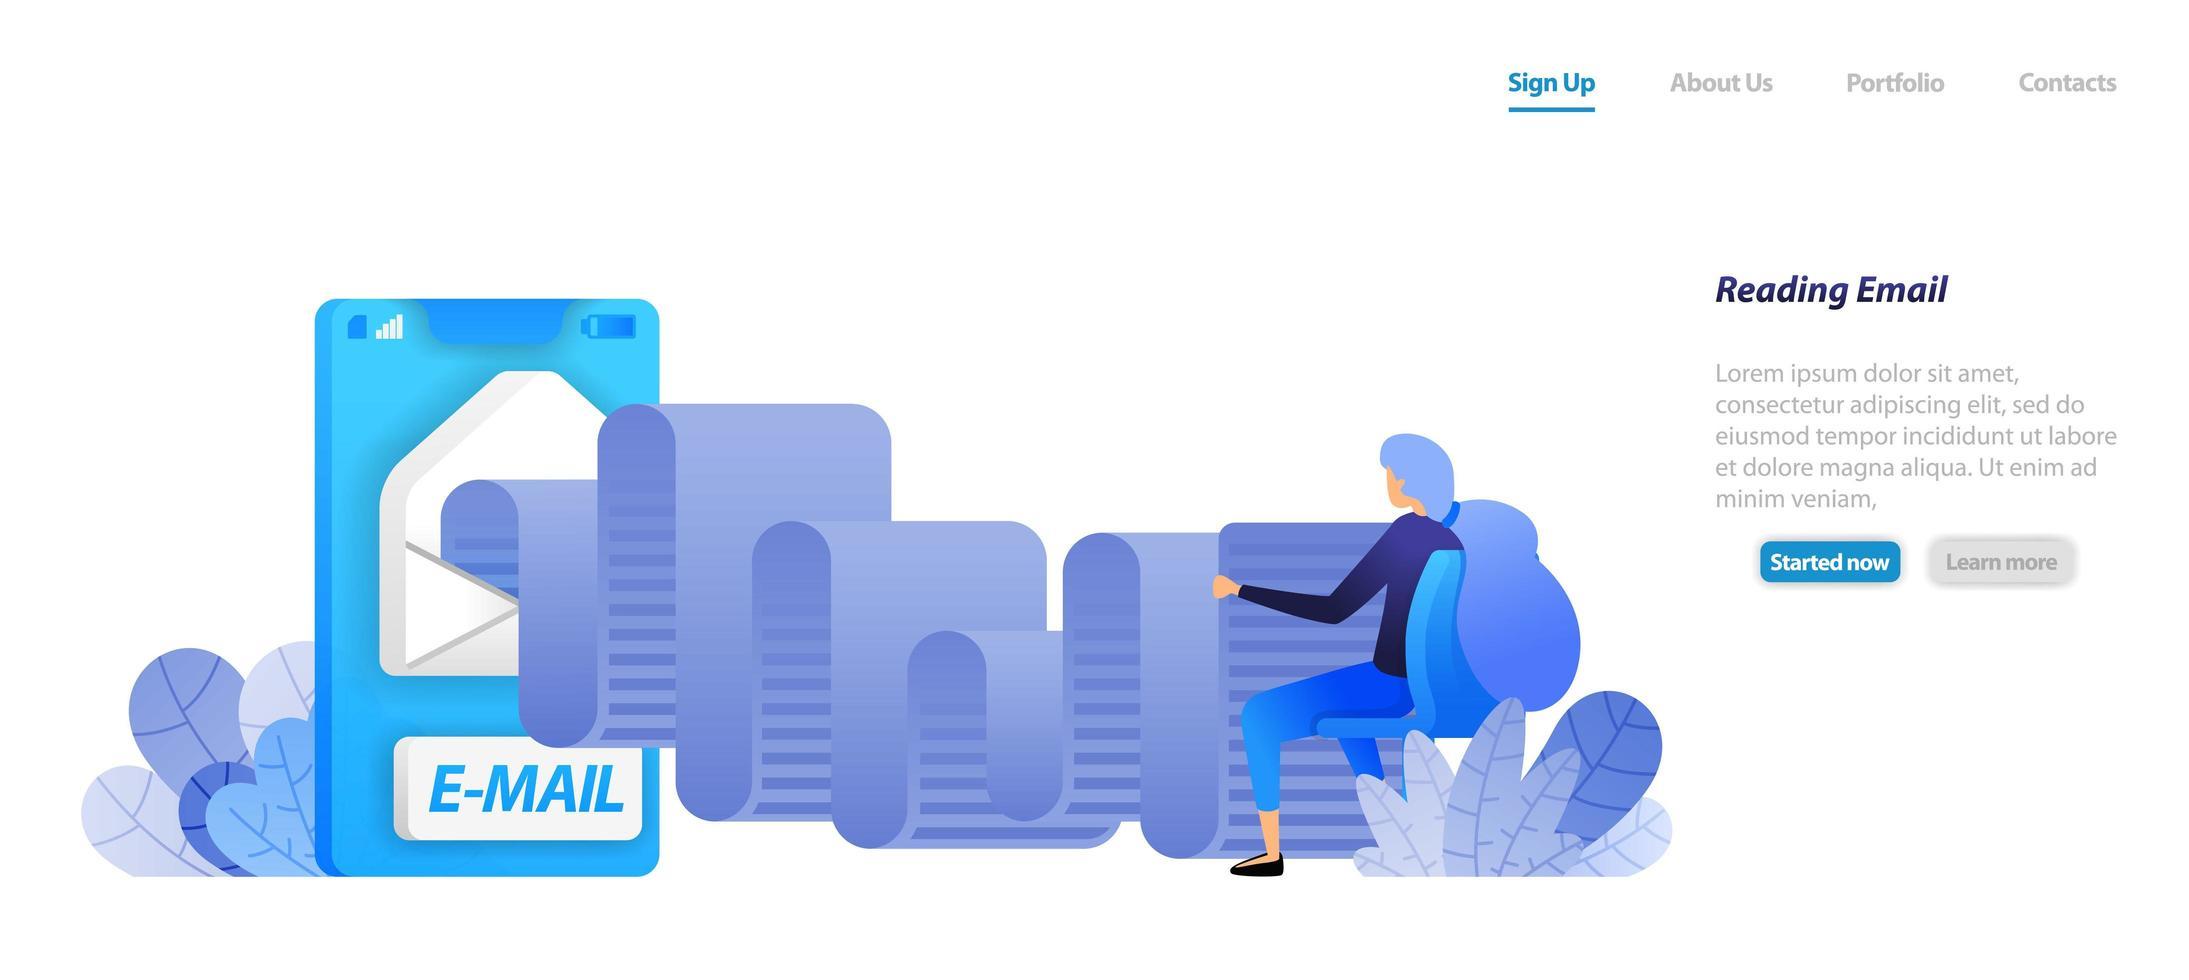 läs e-postrullar. mobila postappar med kuvert. kvinnor sitter och läser modern kommunikation. platt illustration koncept för målsida, webb, ui, banner, flygblad, affisch, mall, bakgrund vektor